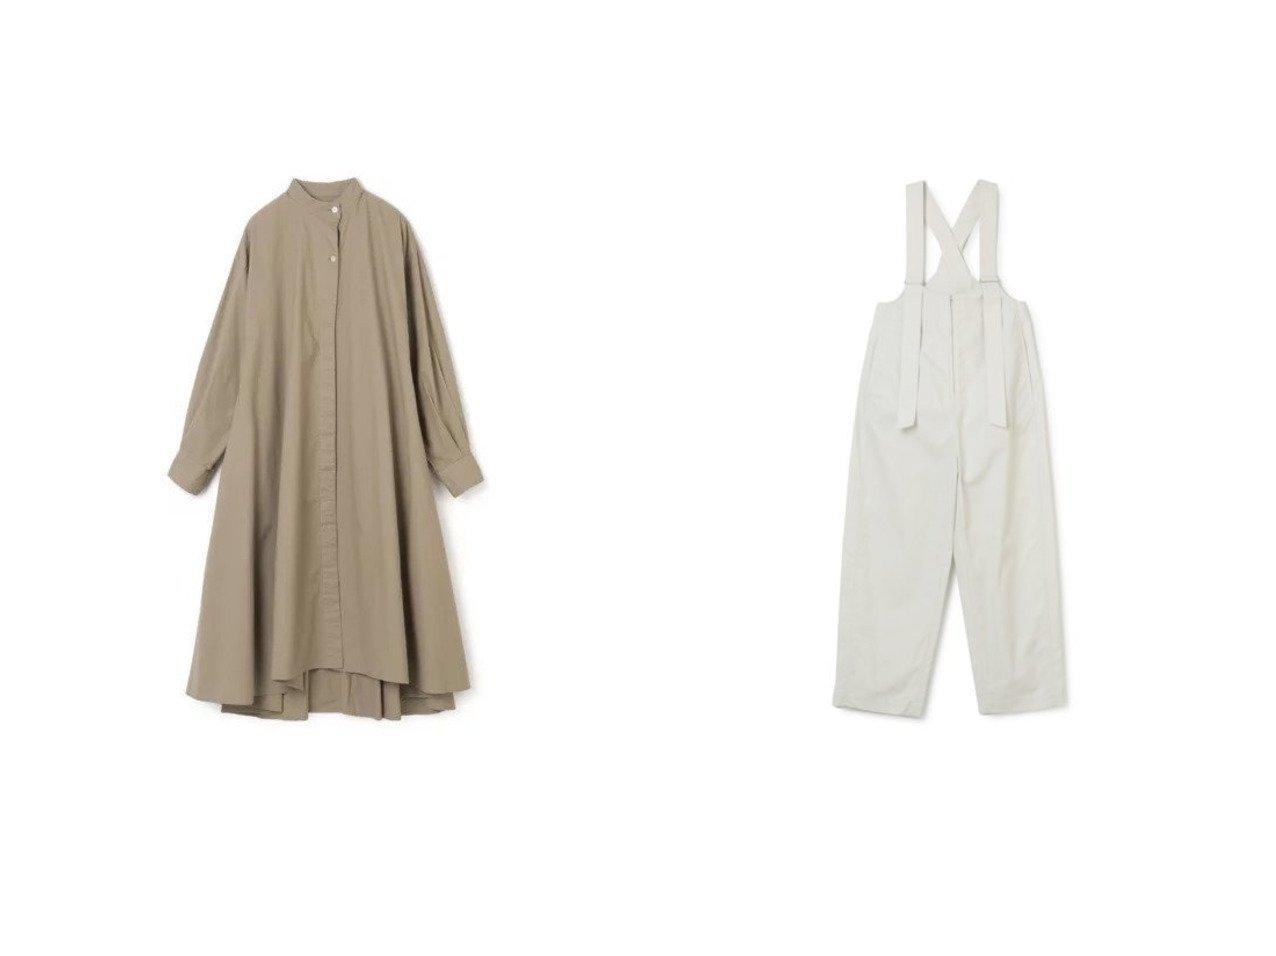 【LOEFF/ロエフ】のLF CTN DMP SLPT&【FLORENT/フローレント】のCOTTON SHEETING ワンピース・ドレスのおすすめ!人気、トレンド・レディースファッションの通販 おすすめで人気の流行・トレンド、ファッションの通販商品 メンズファッション・キッズファッション・インテリア・家具・レディースファッション・服の通販 founy(ファニー) https://founy.com/ ファッション Fashion レディースファッション WOMEN ワンピース Dress シャツワンピース Shirt Dresses オールインワン ワンピース All In One Dress サロペット Salopette カフス ロング 洗える 長袖 2021年 2021 2021 春夏 S/S SS Spring/Summer 2021 S/S 春夏 SS Spring/Summer サスペンダー ジップ フォルム フロント |ID:crp329100000016429